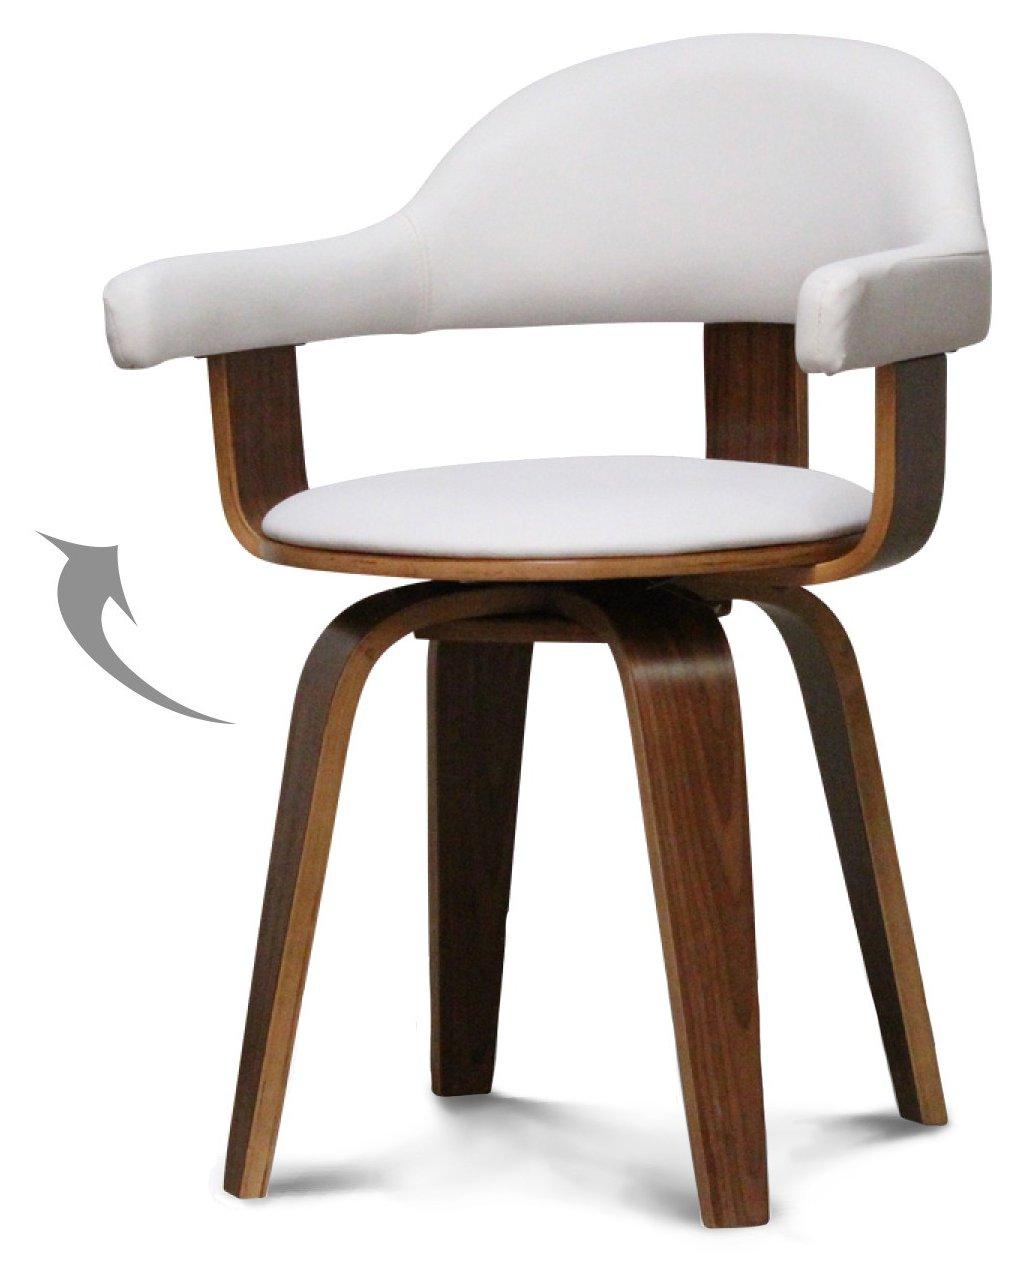 Canap design belgique le monde de l a for Chaise dos droit